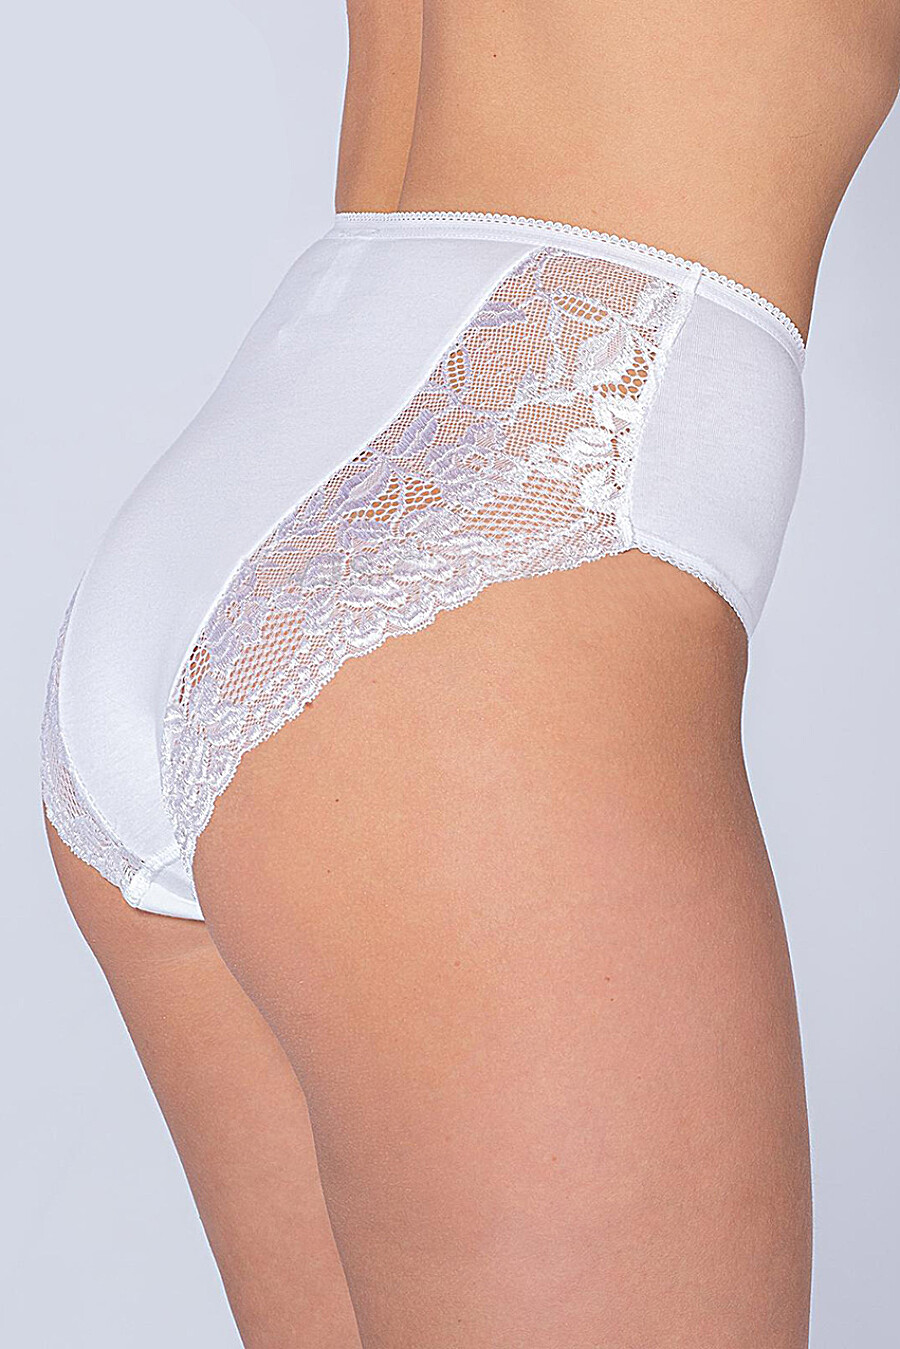 Трусы для женщин MINIMI 272754 купить оптом от производителя. Совместная покупка женской одежды в OptMoyo